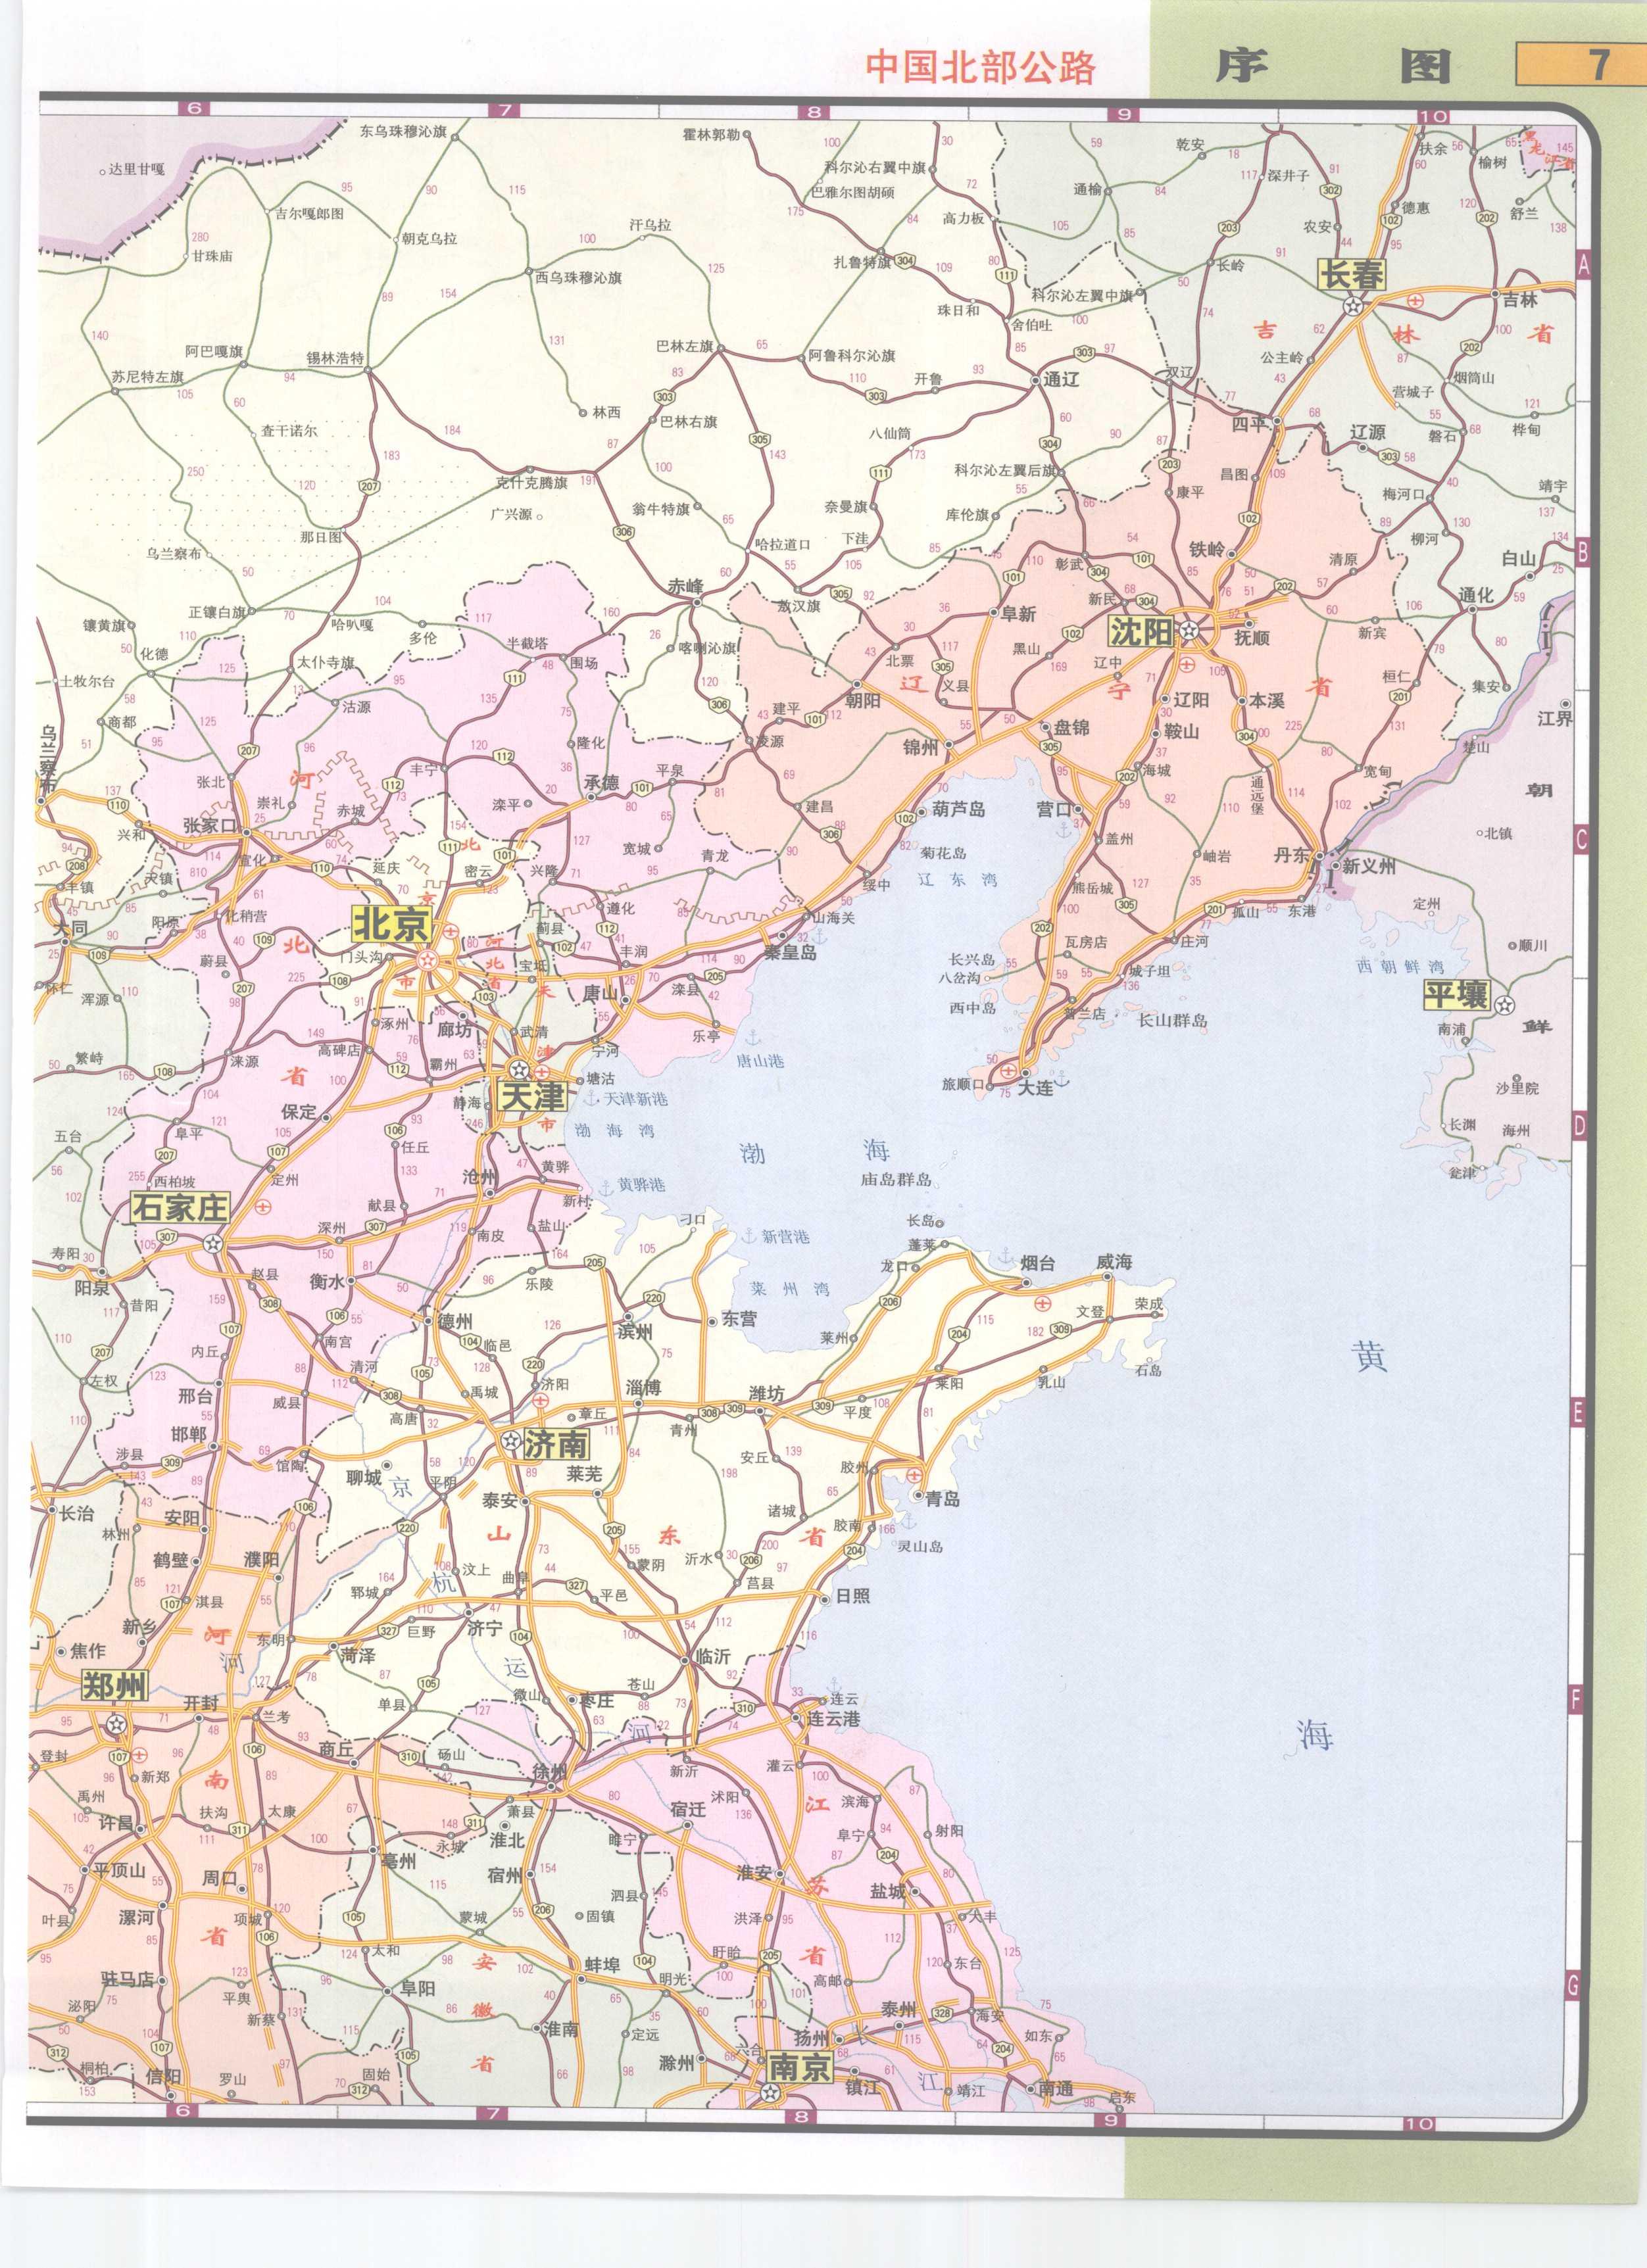 中国北部高速公路网地图